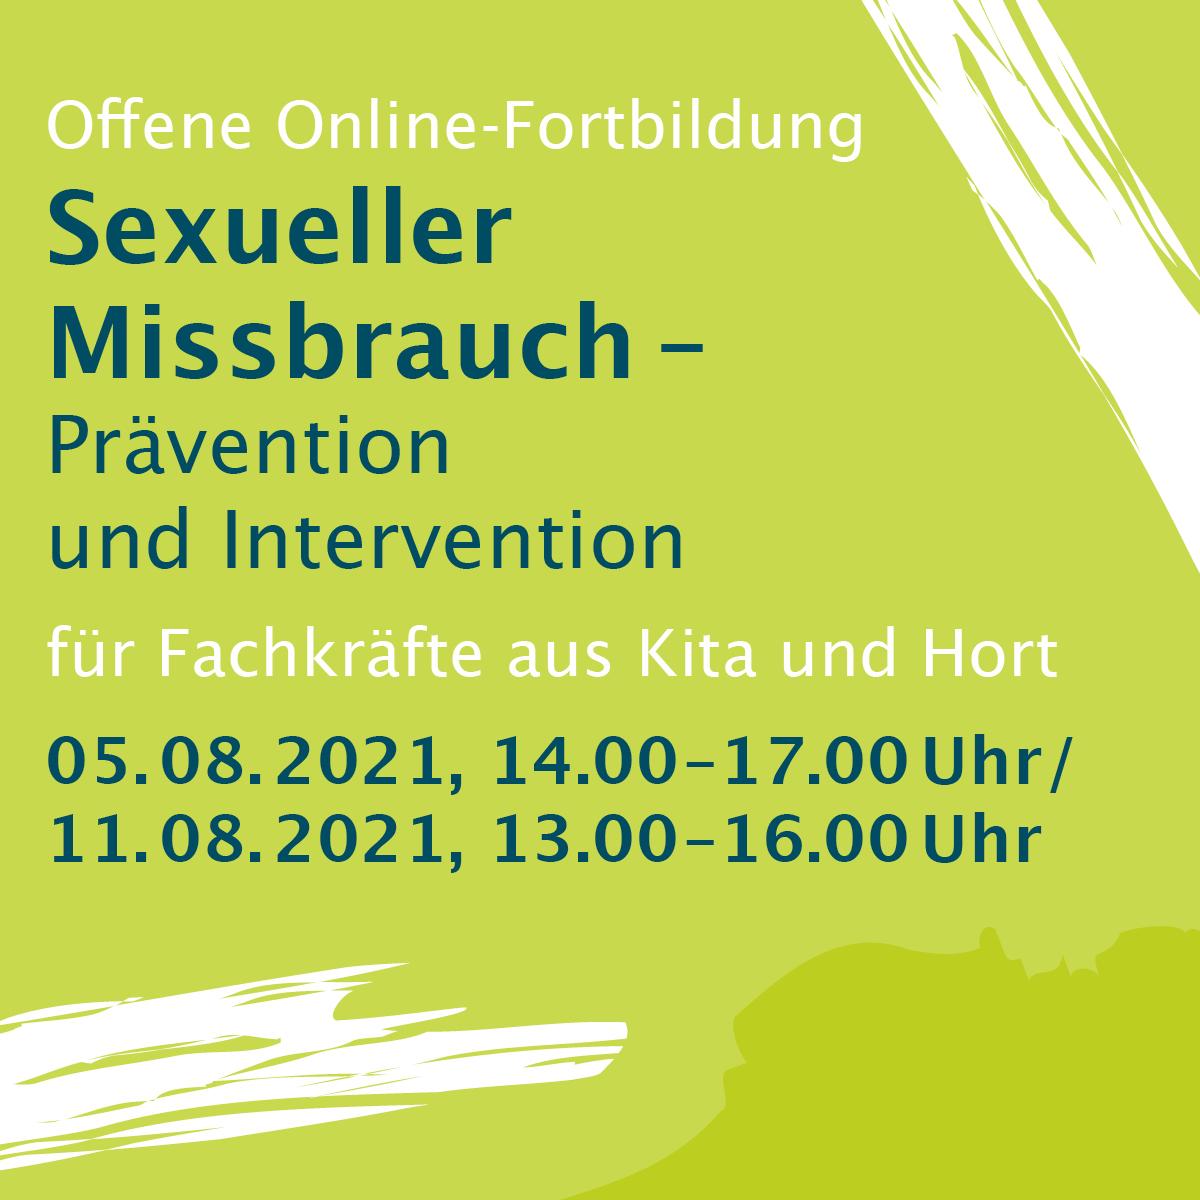 Sexueller Missbrauch Prävention und Intervention, Grundlagen (3 Std.)